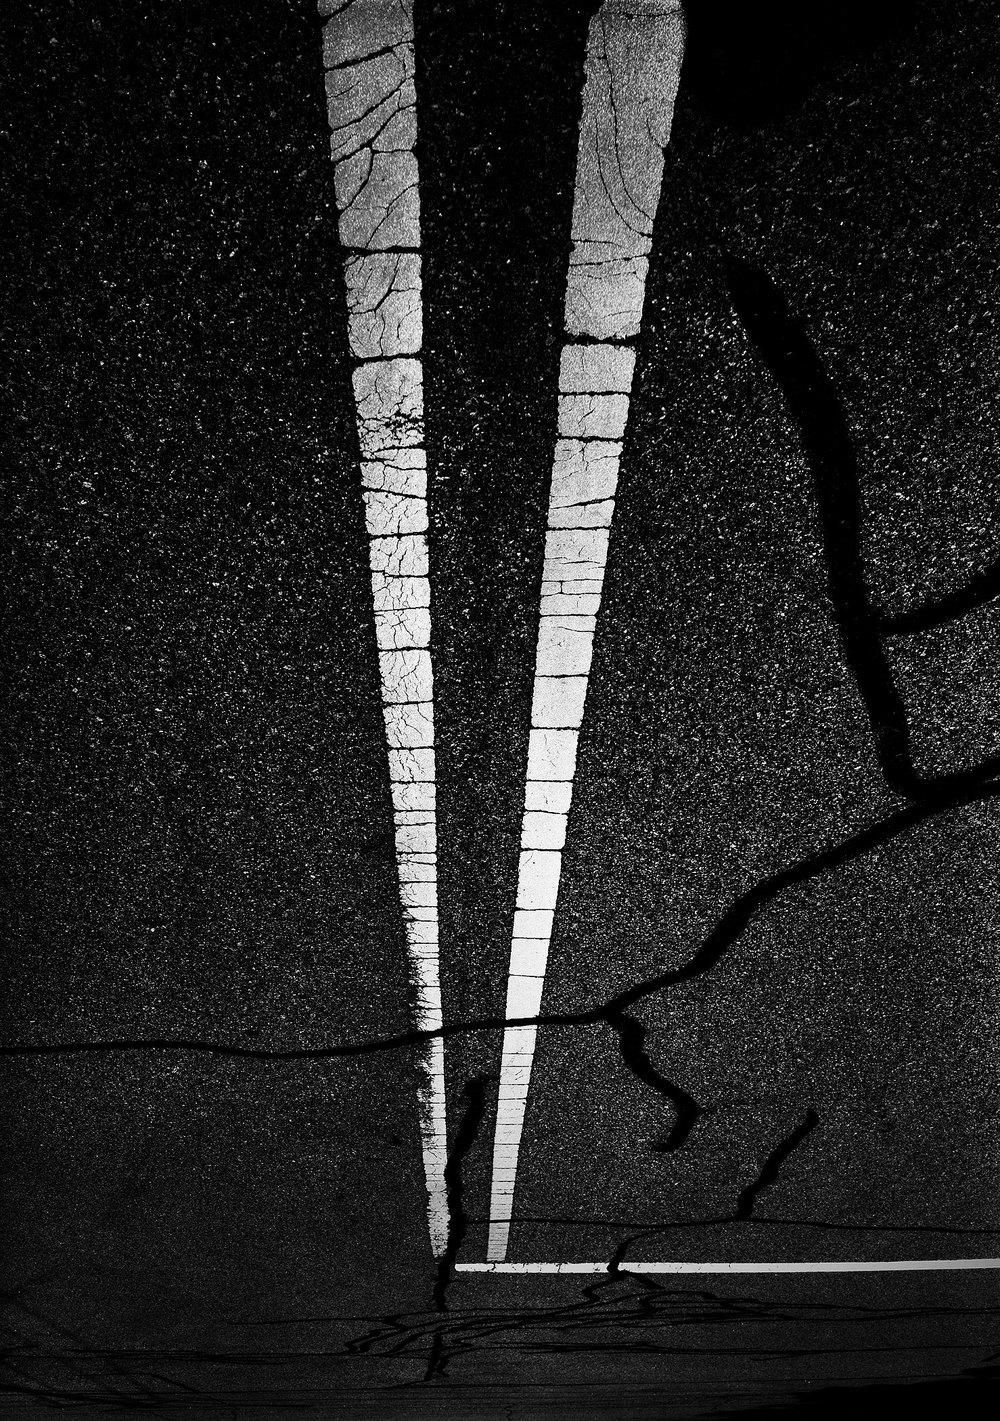 fotografia-notturna-bianco-nero-strade-sembrano-cielo-stellato-michael-massaia-8